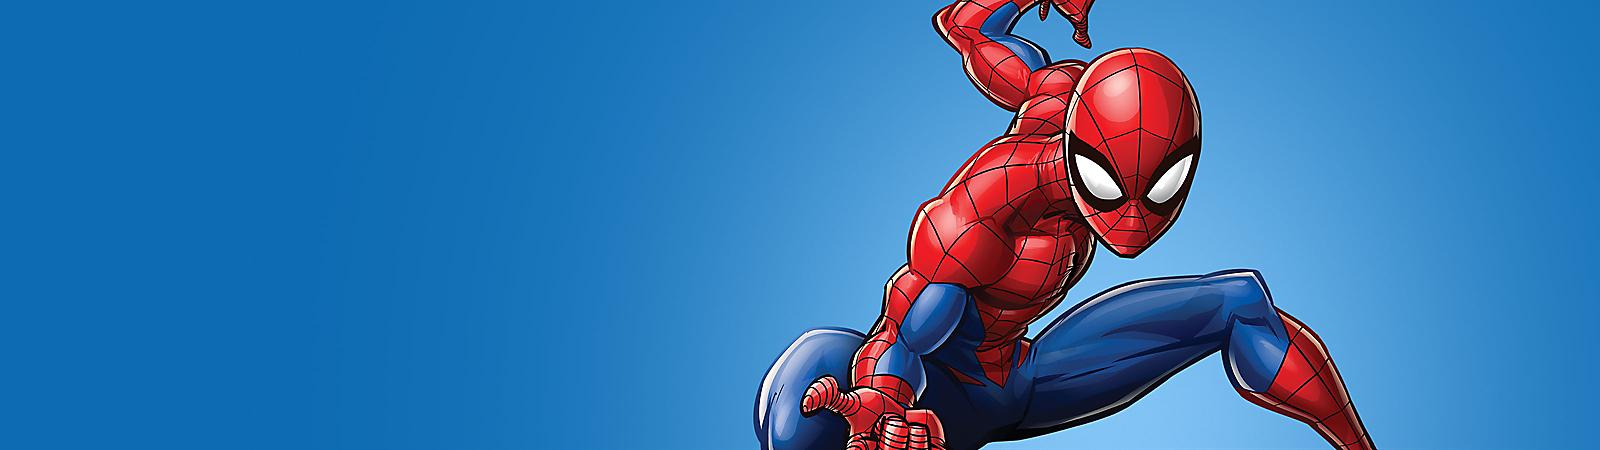 Spider-Man | shopDisney